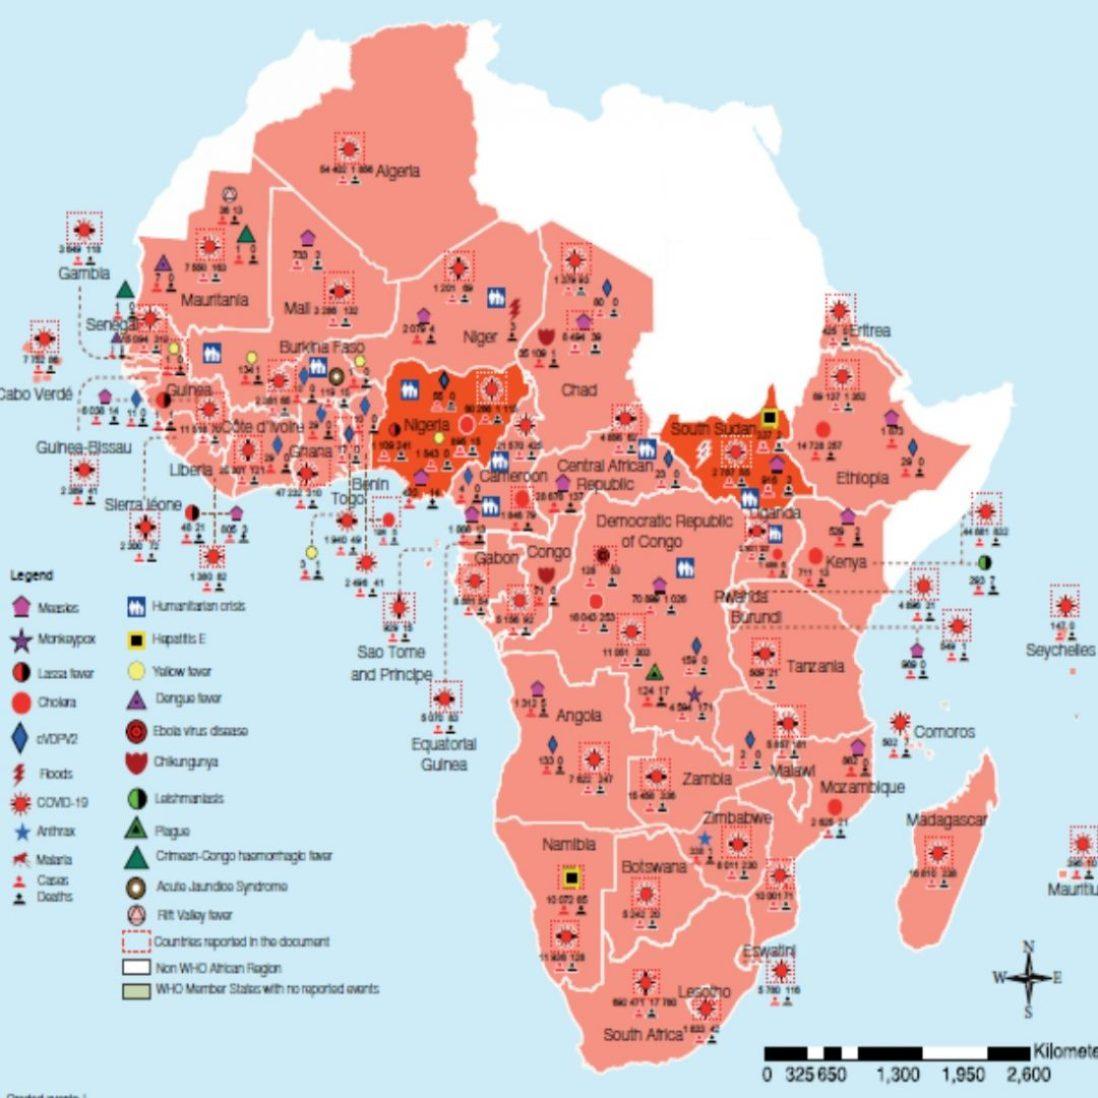 Las venas de África #a2manos #coronaversos africa dr alegria frases libros pensamientos poesia proyectos